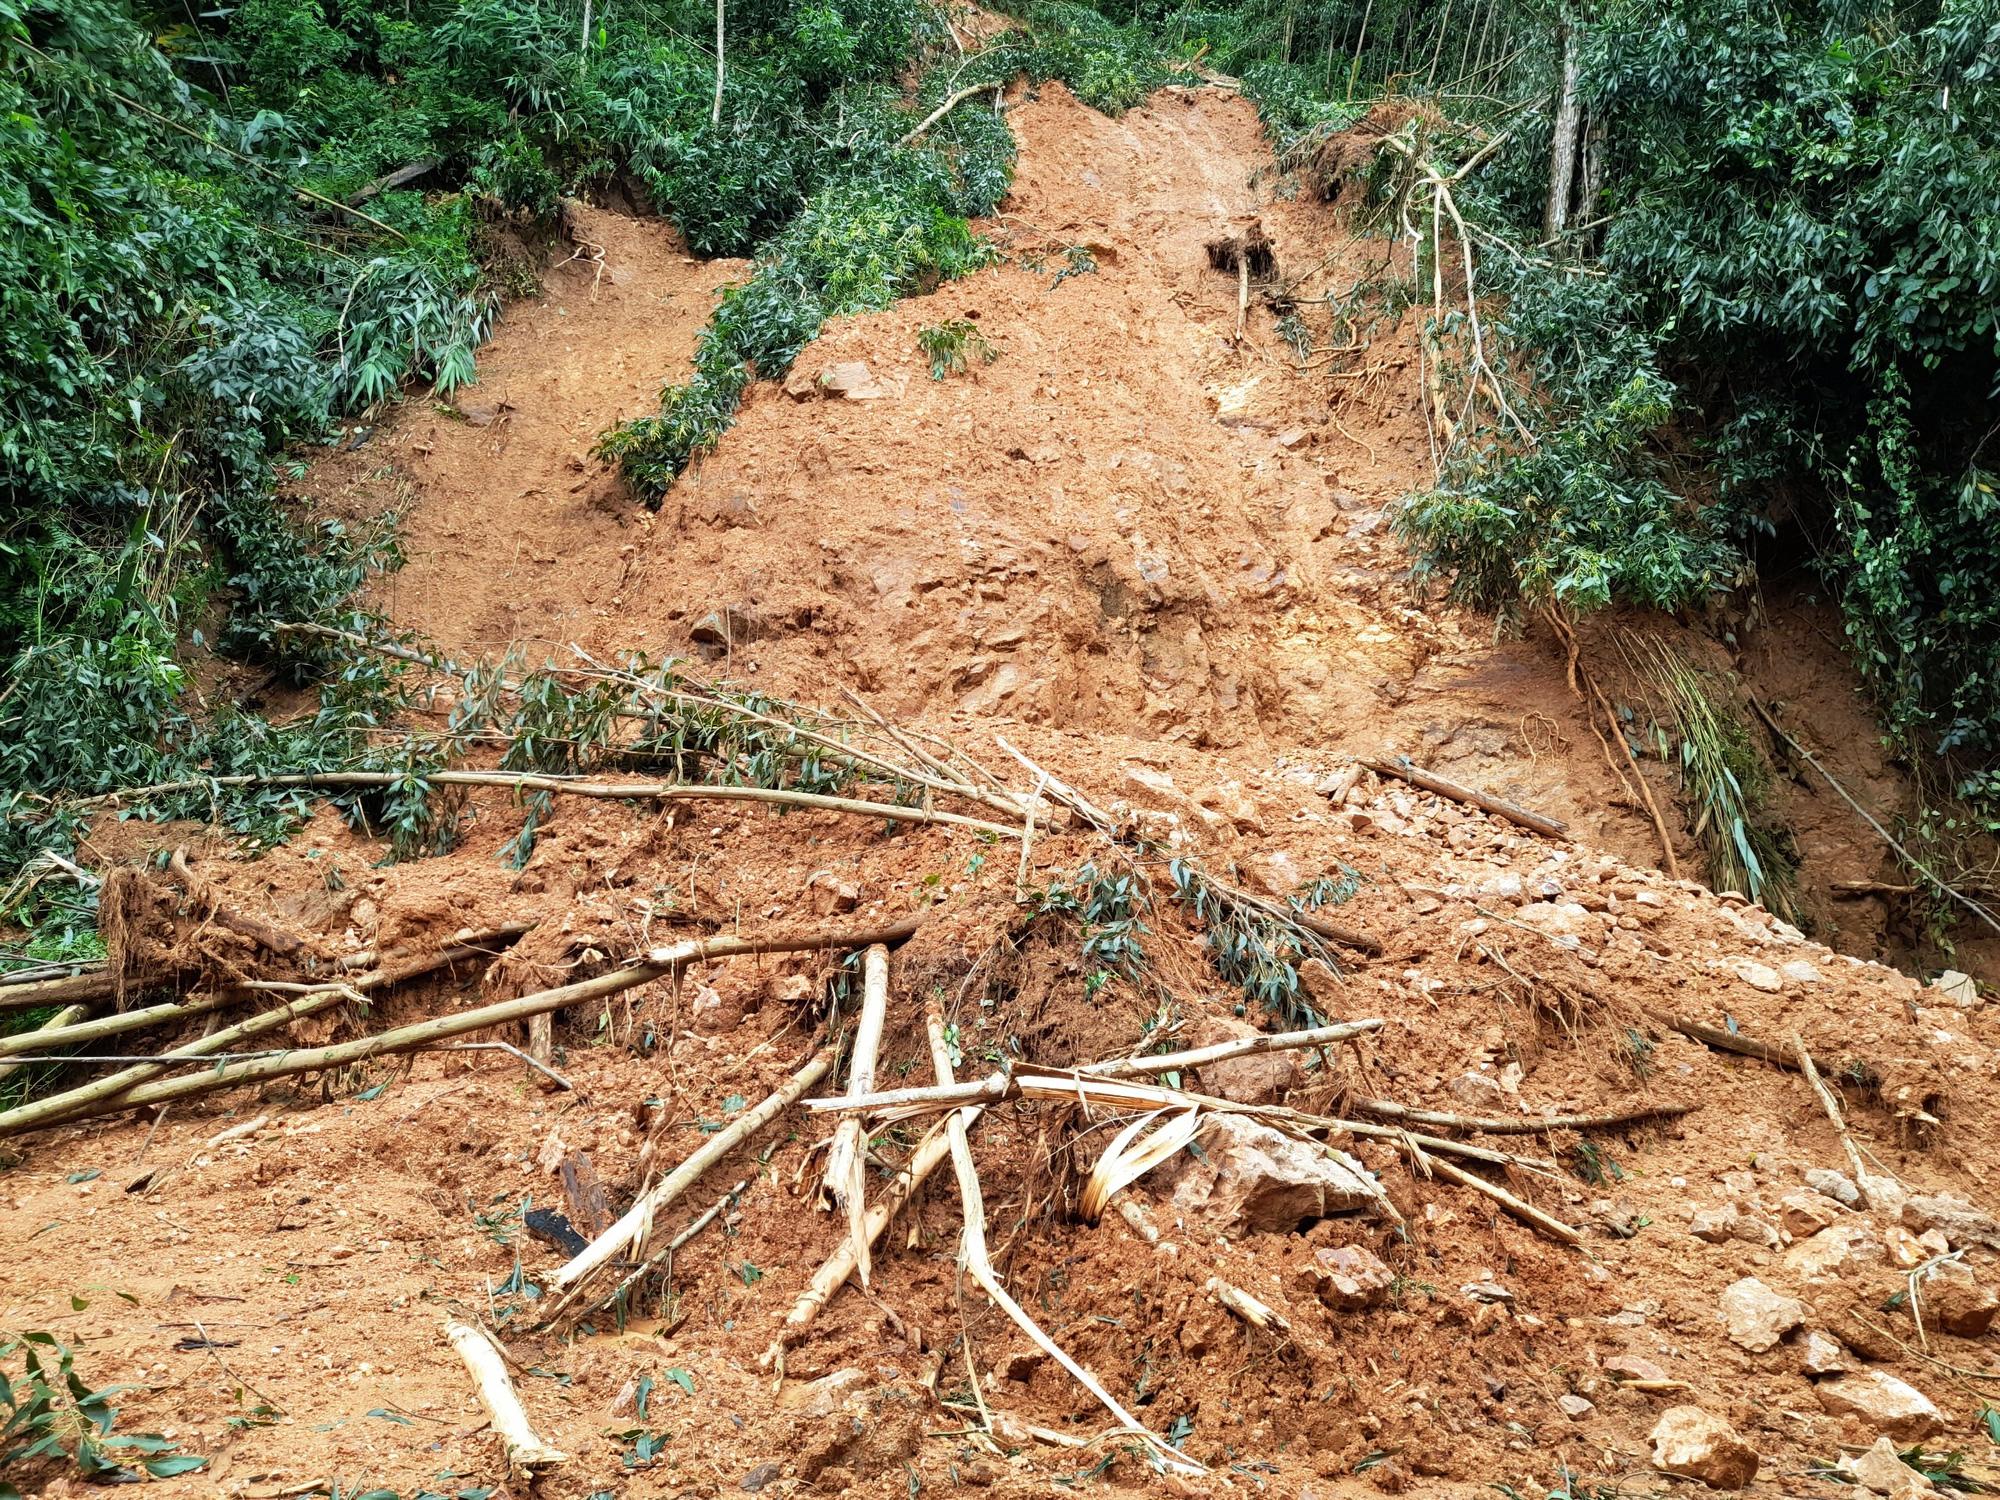 Bí thư, Chủ tịch tỉnh Bình Định Hồ Quốc Dũng thị sát điểm sạt lở nghiêm trọng ở miền núi - Ảnh 2.